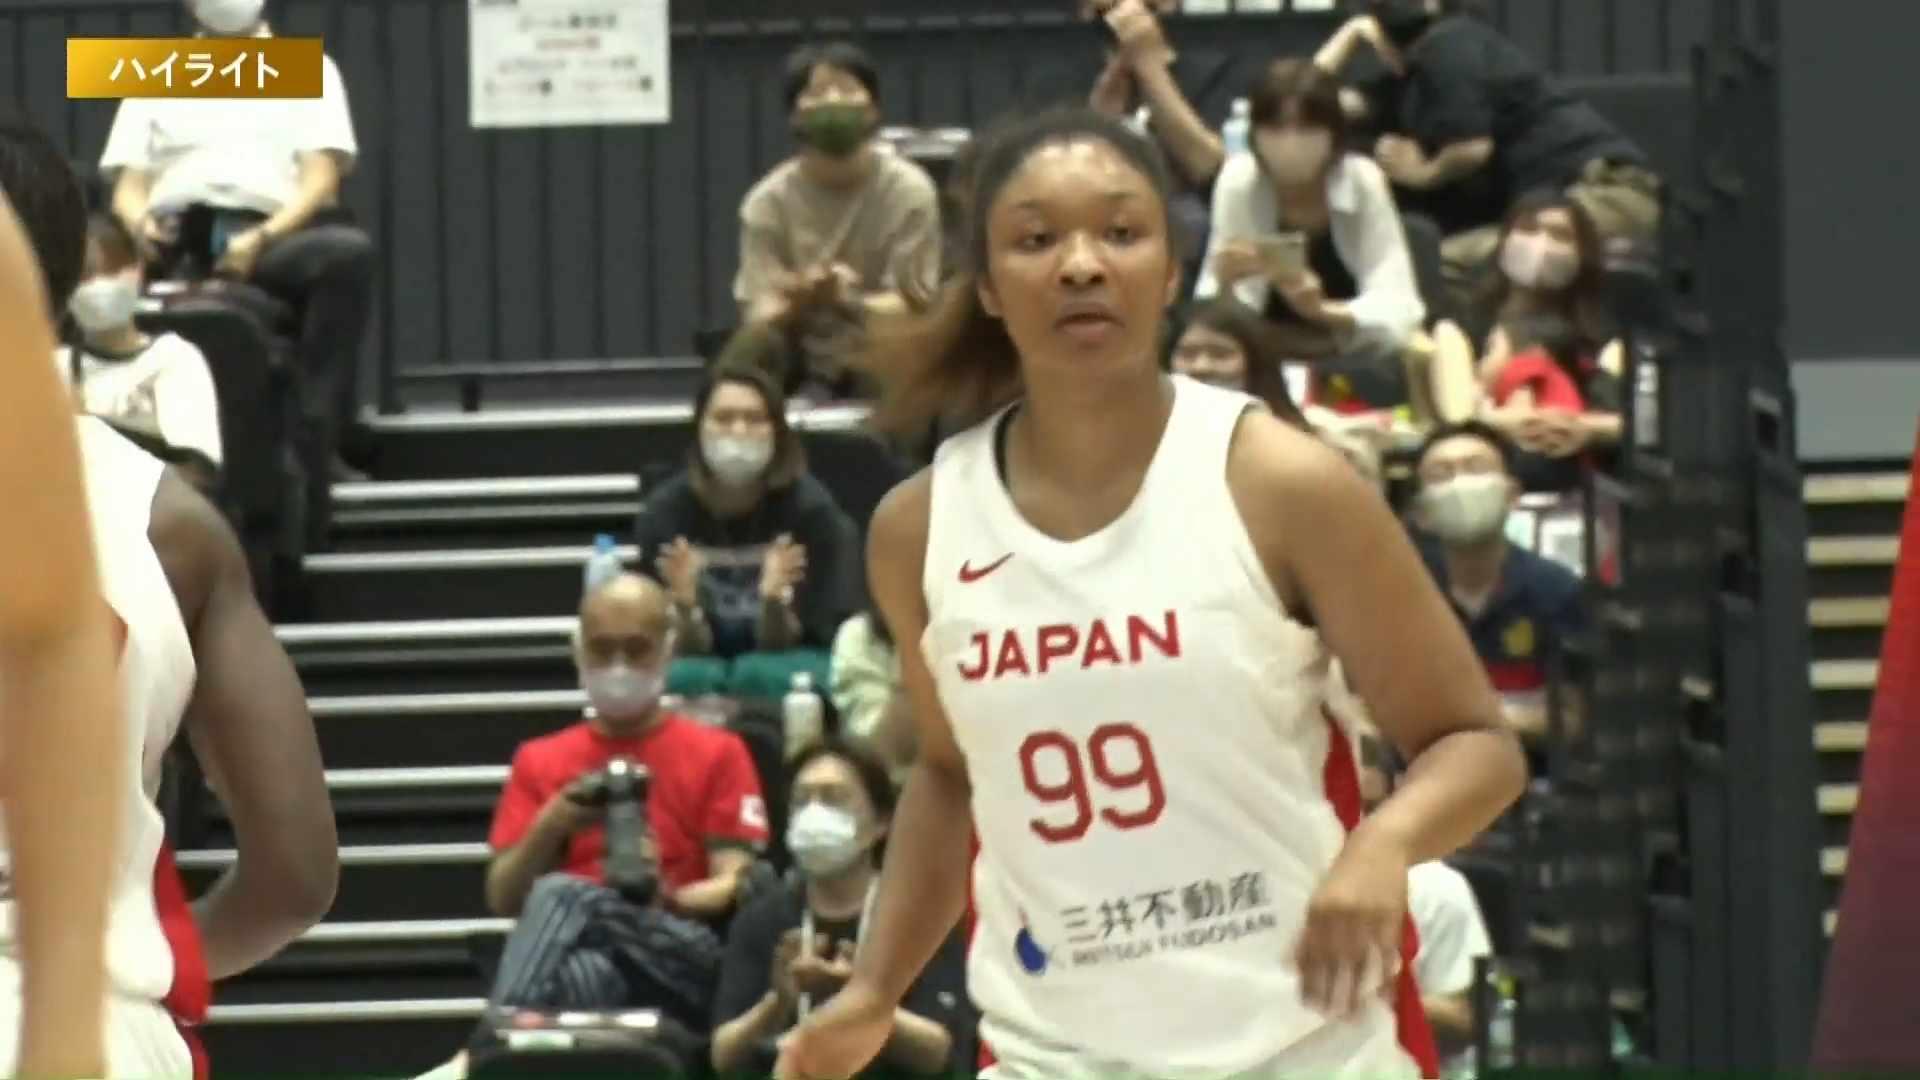 【ハイライト】【バスケ女子国際強化試合2021】日本 vs ポルトガル 第2戦(2021.6.12)